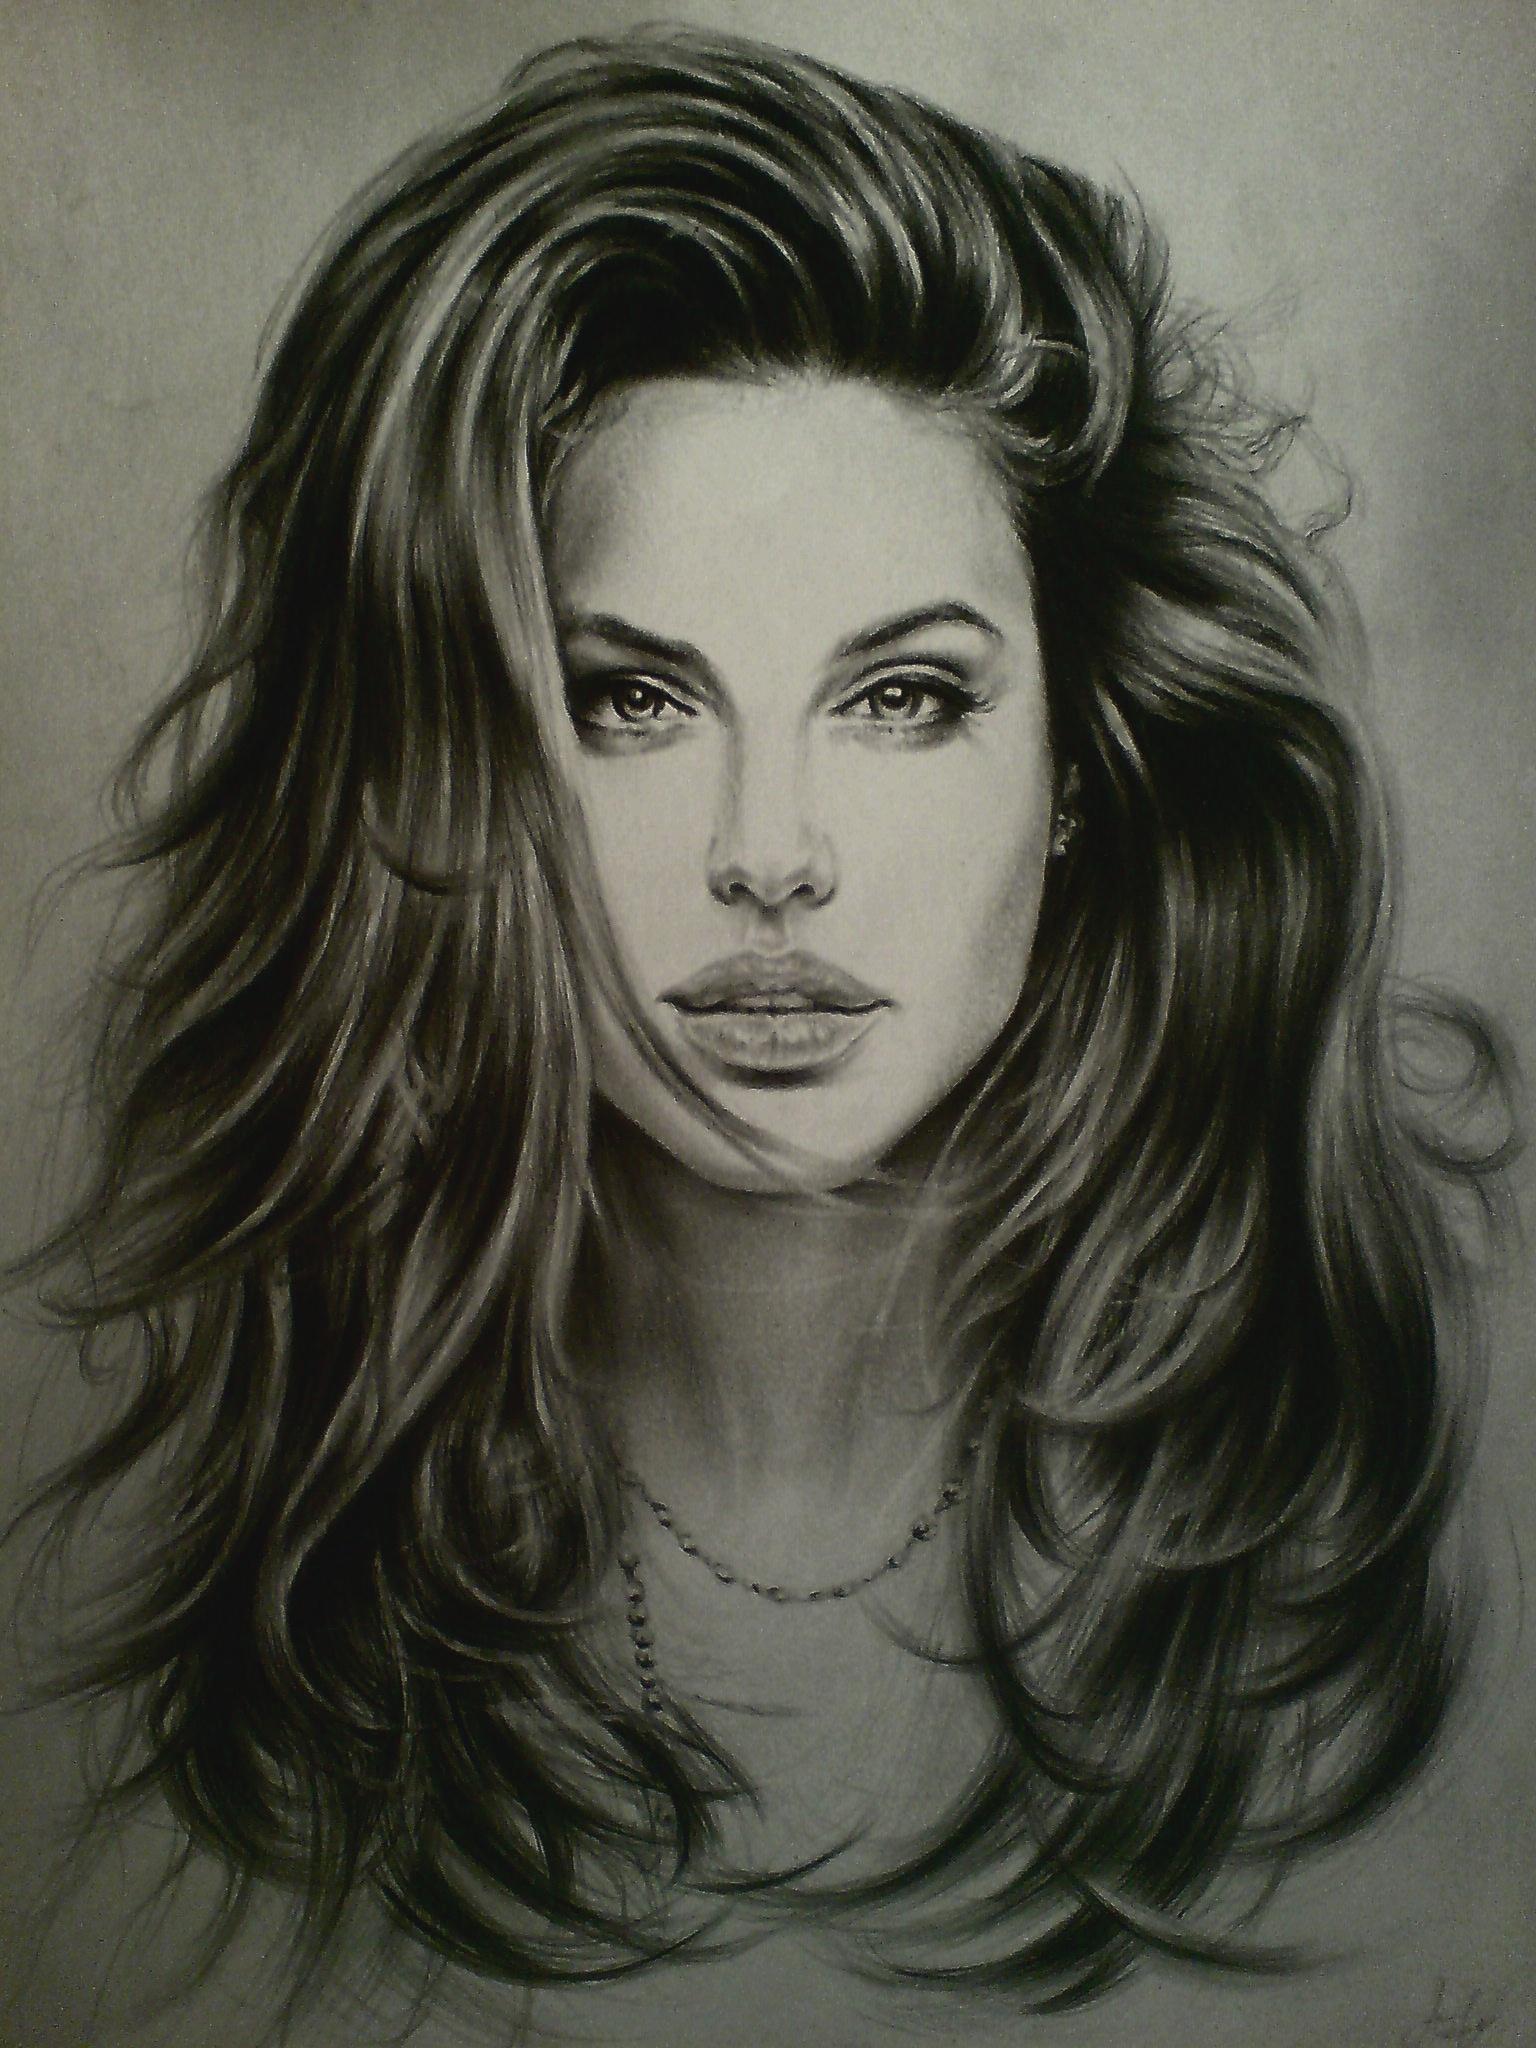 Angelina Jolie By Shadagishvili On DeviantArt